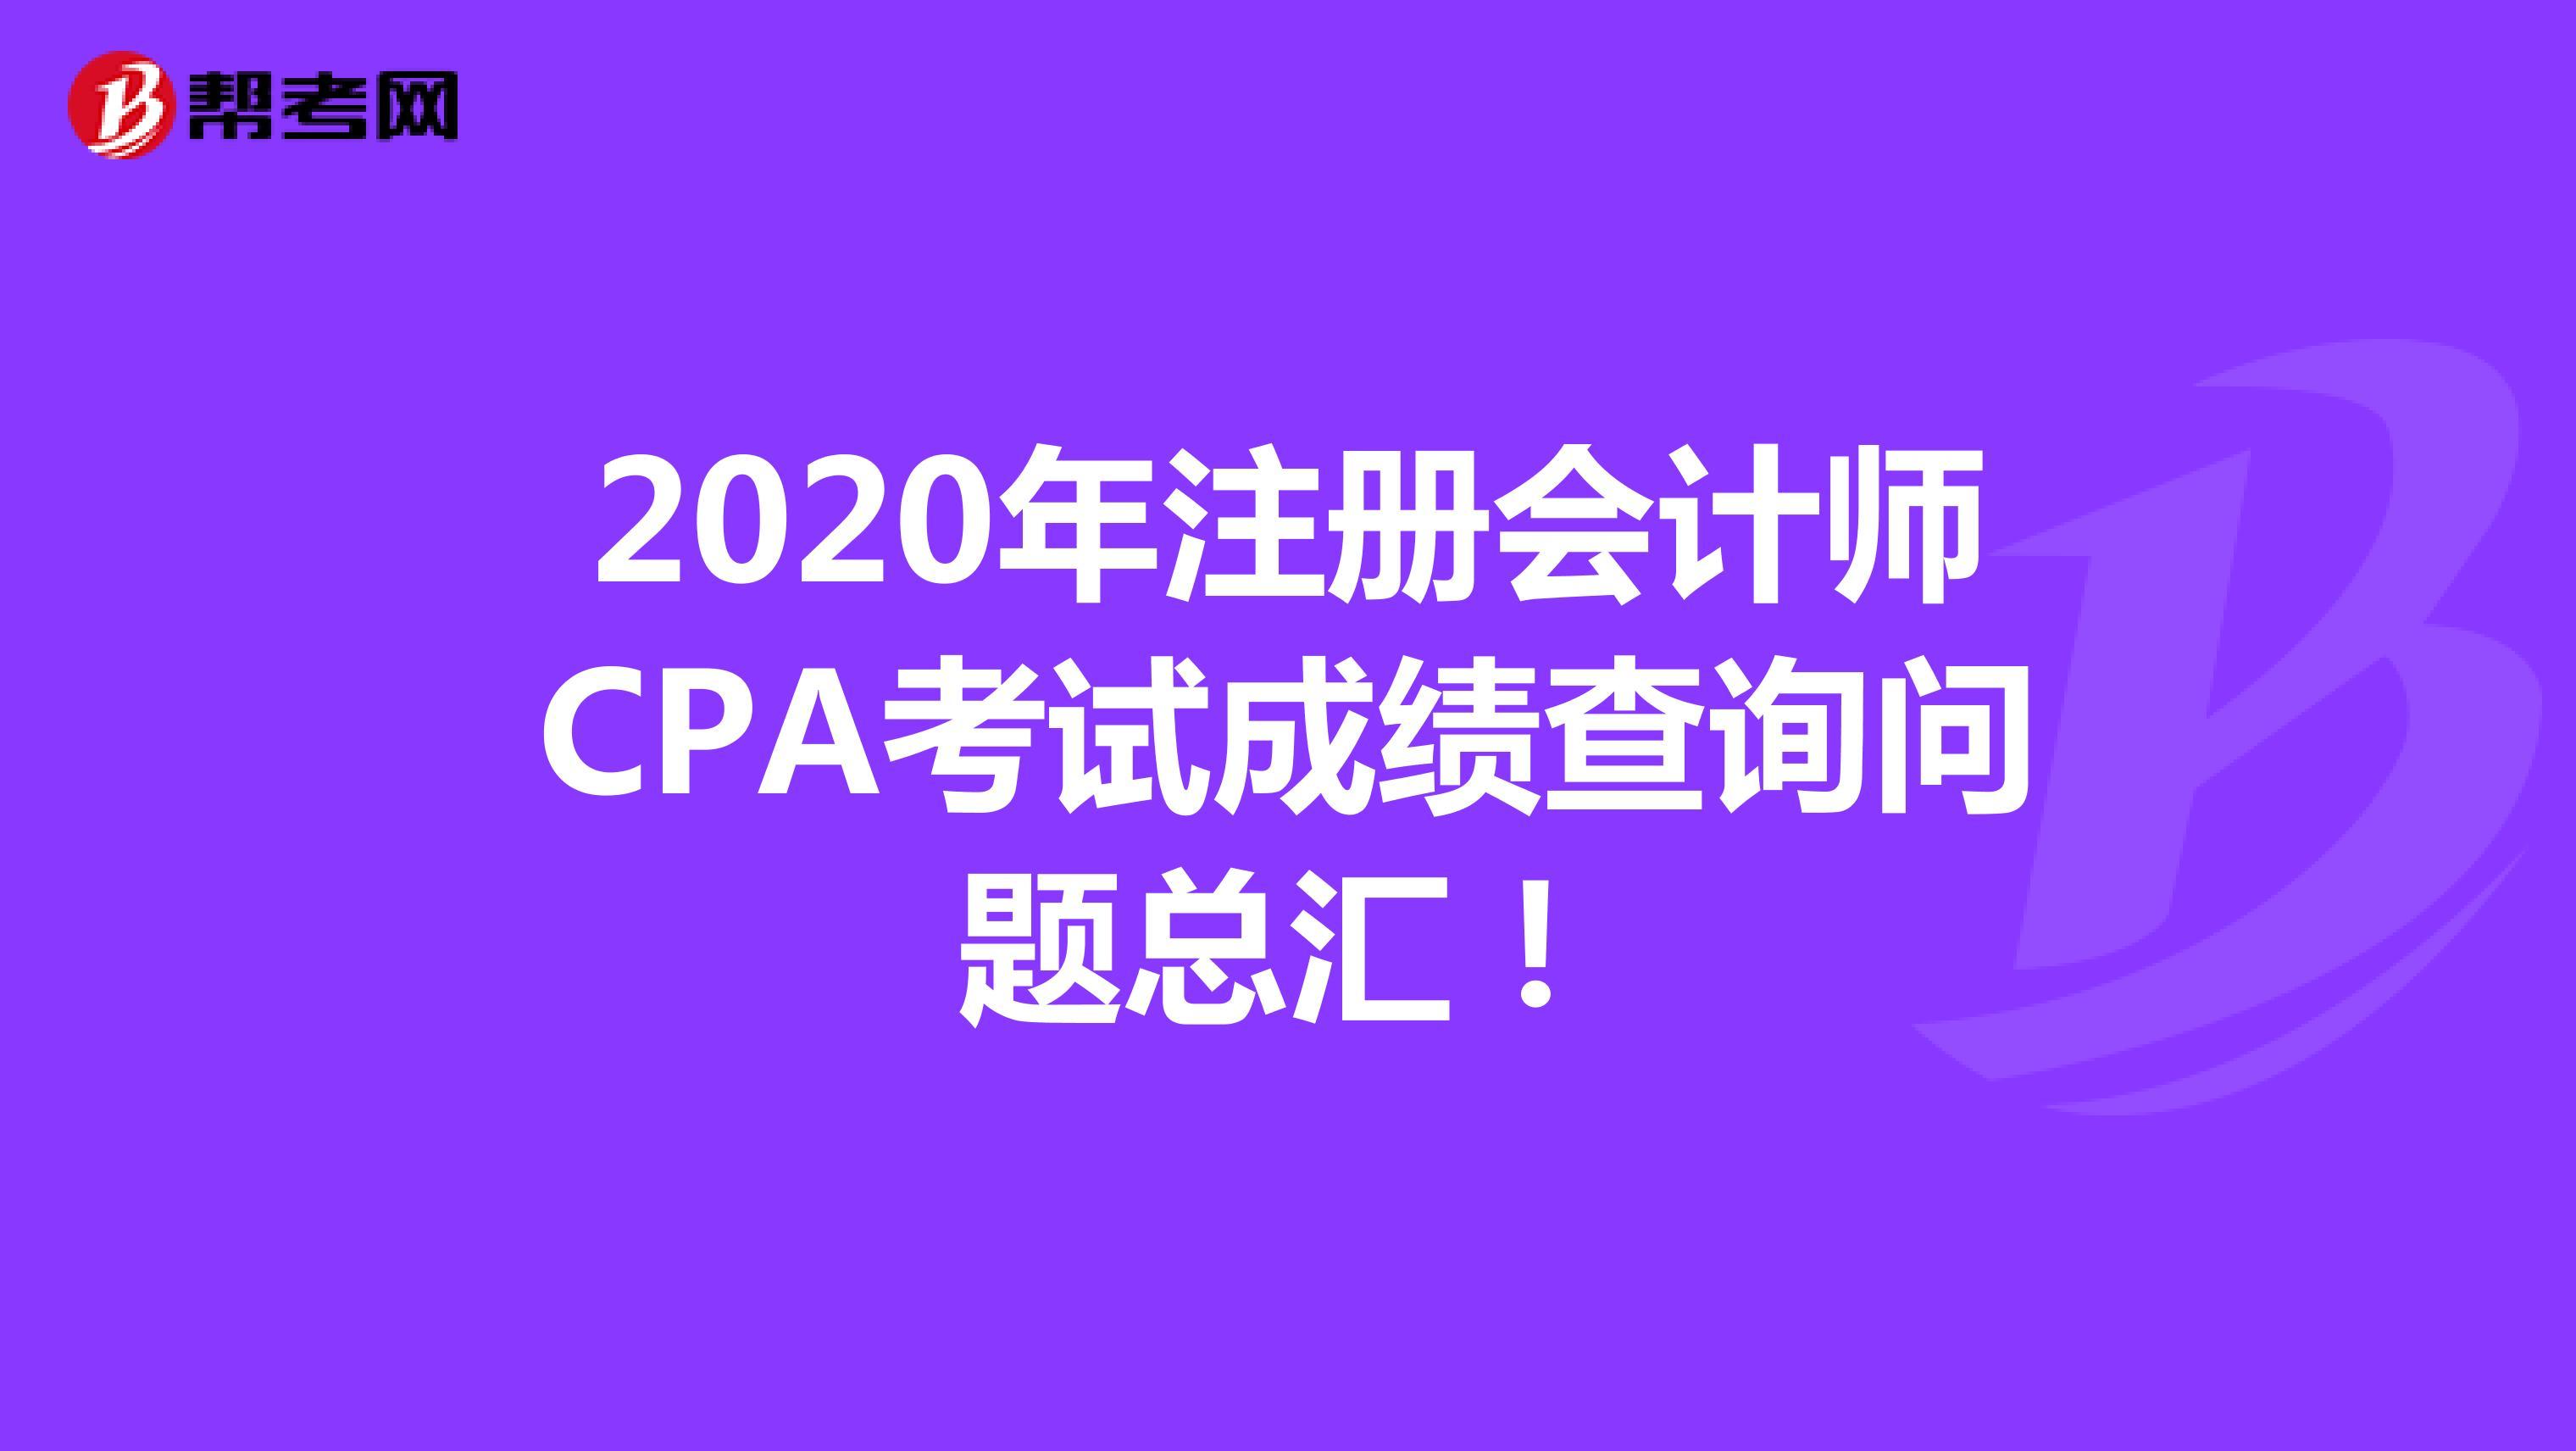 2020年【hot88热竞技提款】注册会计师CPA考试成绩查询问题总汇!